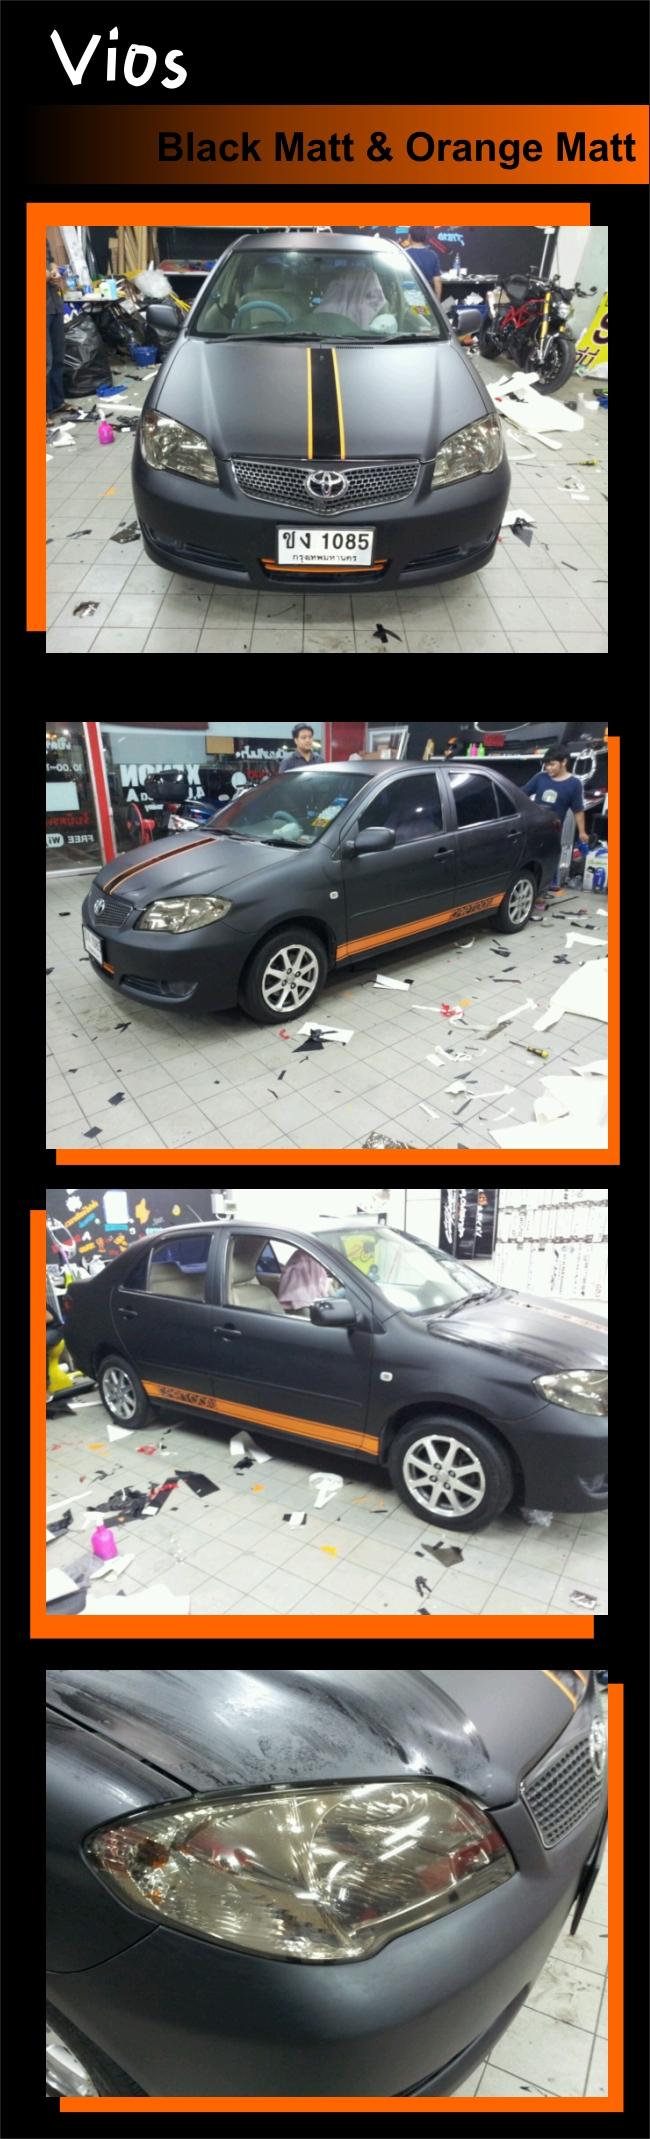 wrap car ฟิล์มหุ้มเปลี่ยนสีรถ เปลี่ยนสีรถทั้งคันด้วยสติกเกอร์ wrapเปลี่ยนสีรถ เปลี่ยนสีรถดำด้าน